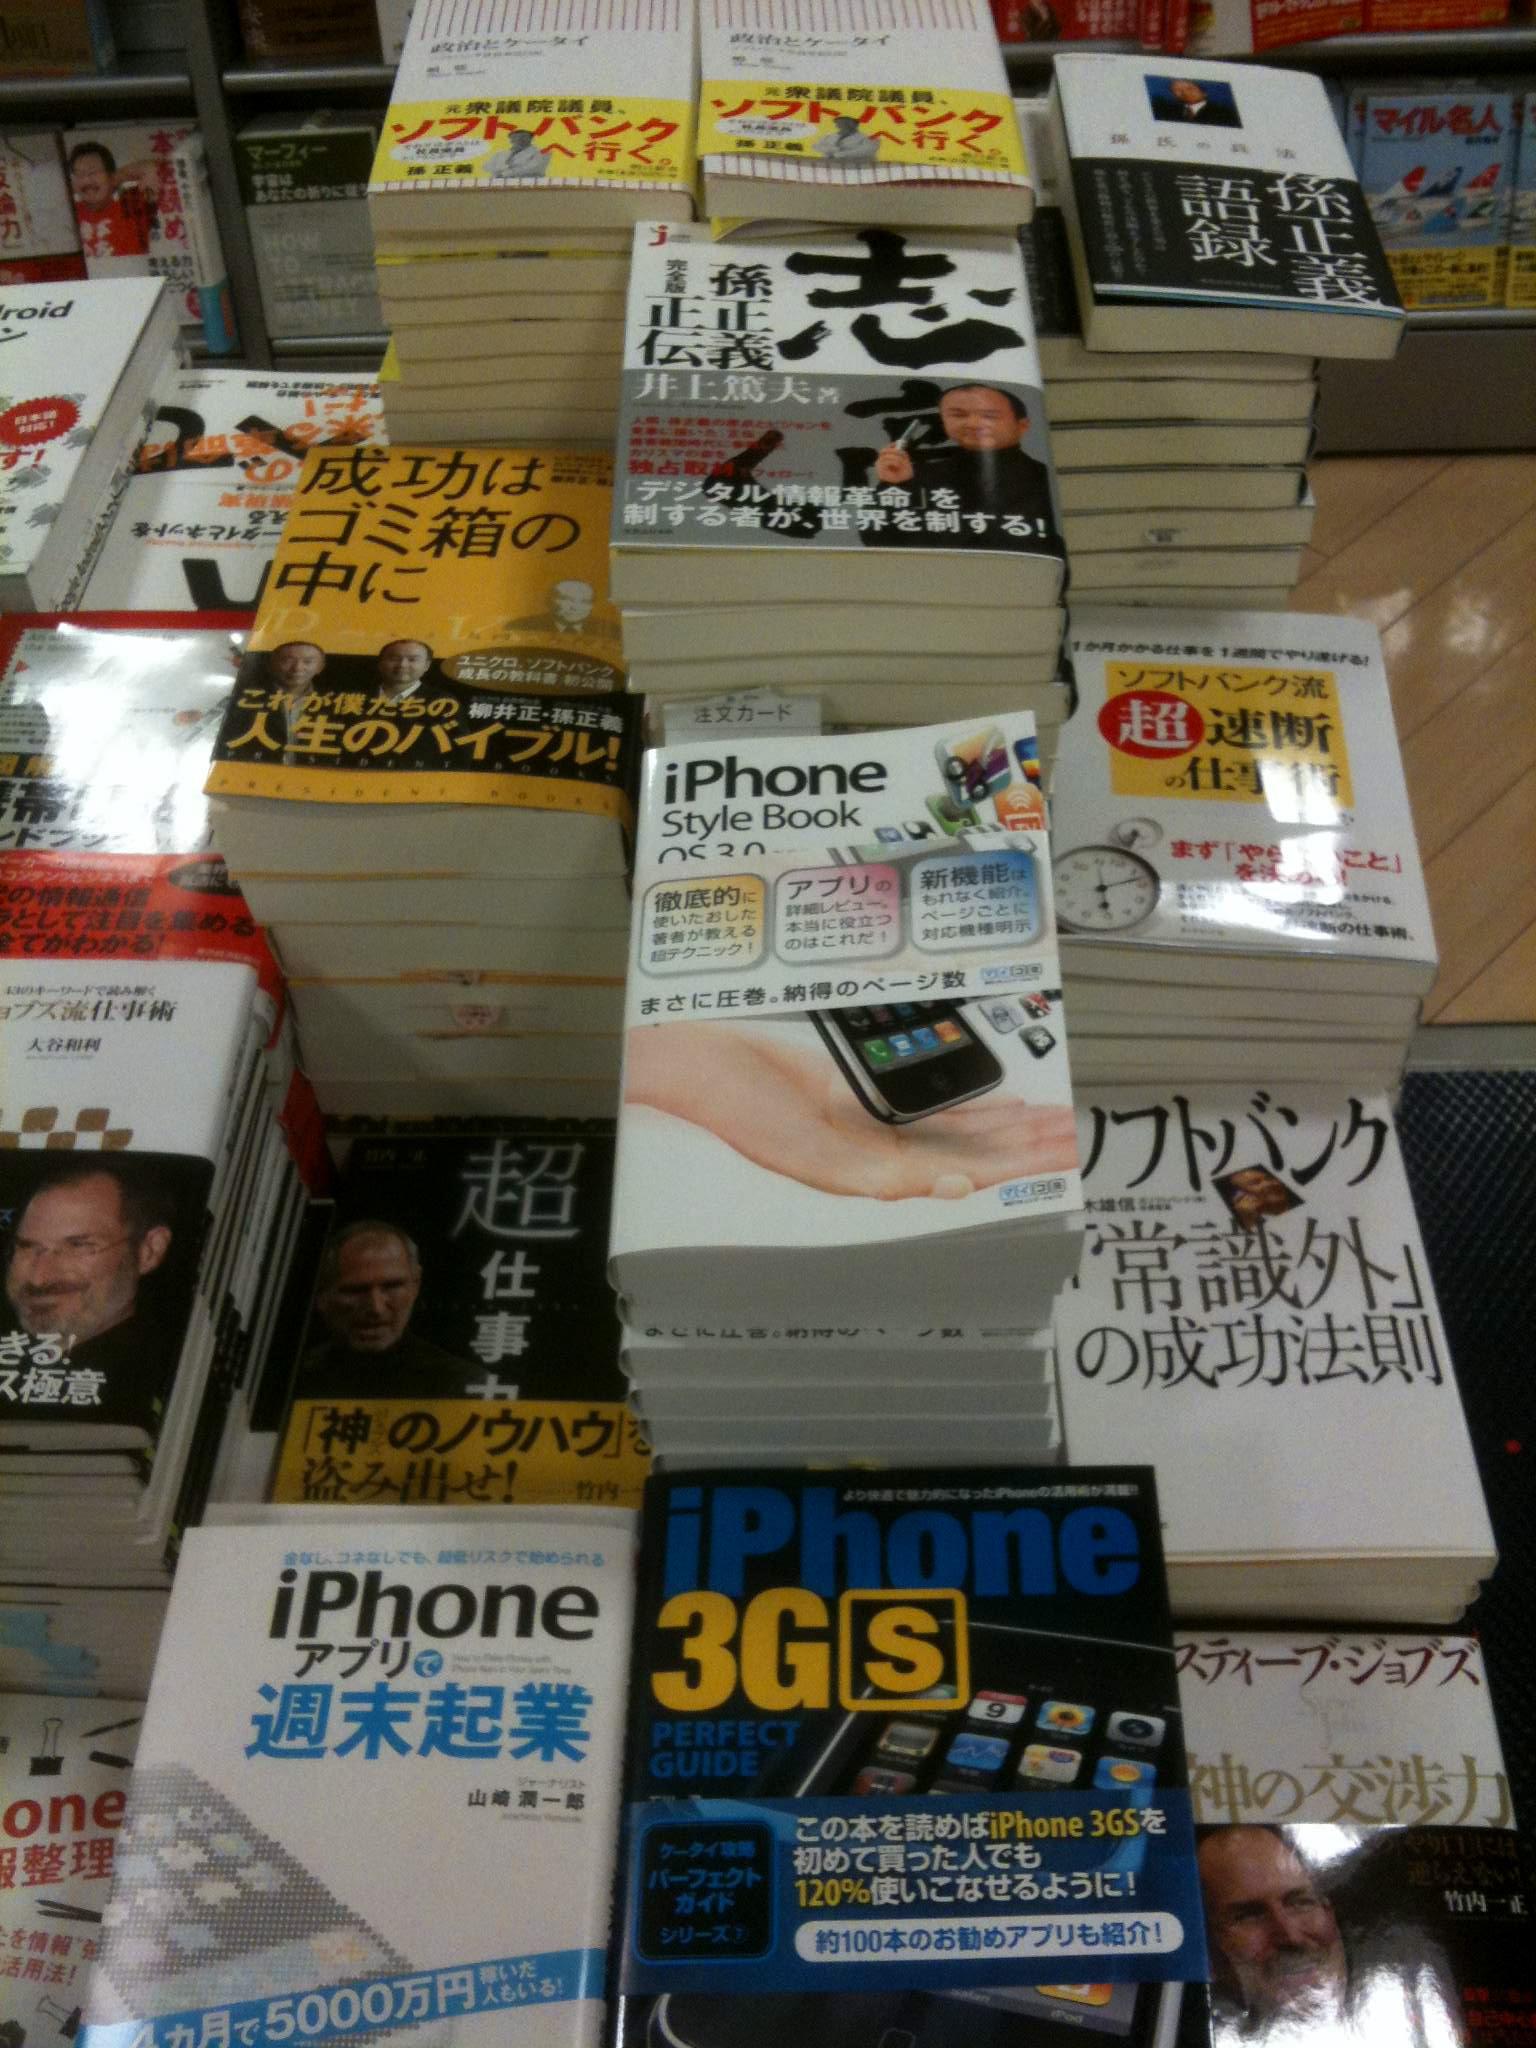 Mobile Photo Nov 10, 2009 4 06 44 AM